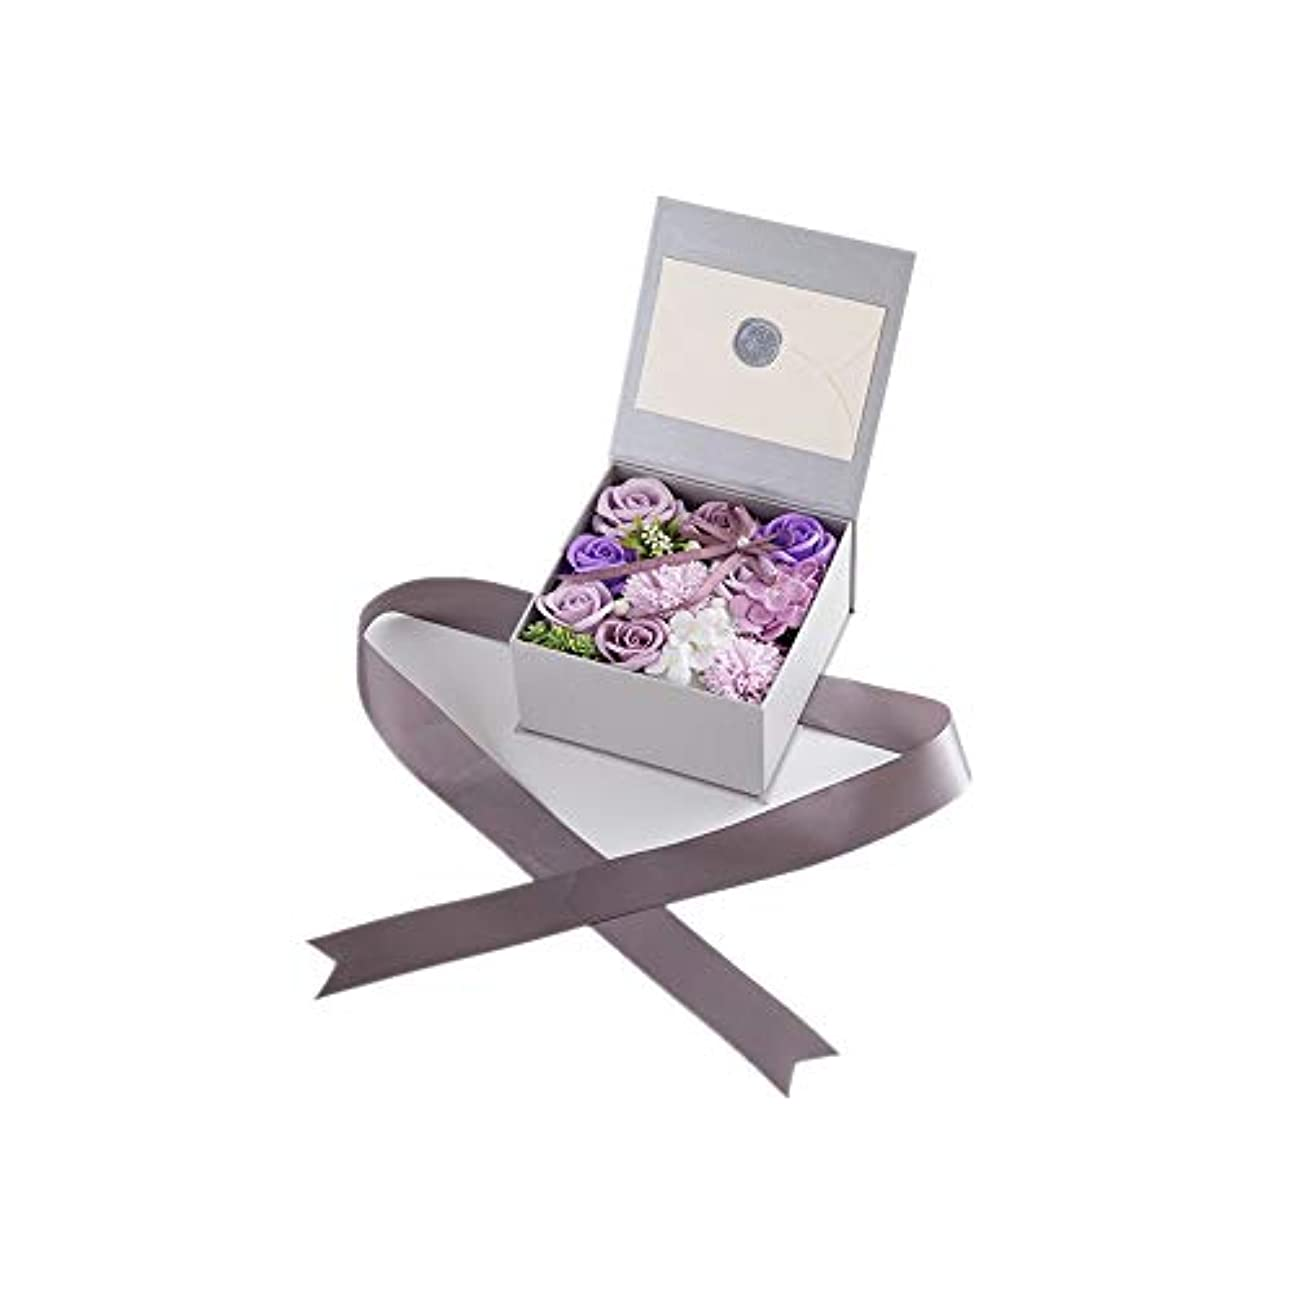 犯罪シャイ暫定生地と花石鹸の花 絶妙な梱包フラワーバレンタインデーのための花バラ花束の記念日誕生日母の日 (色 : Violet)